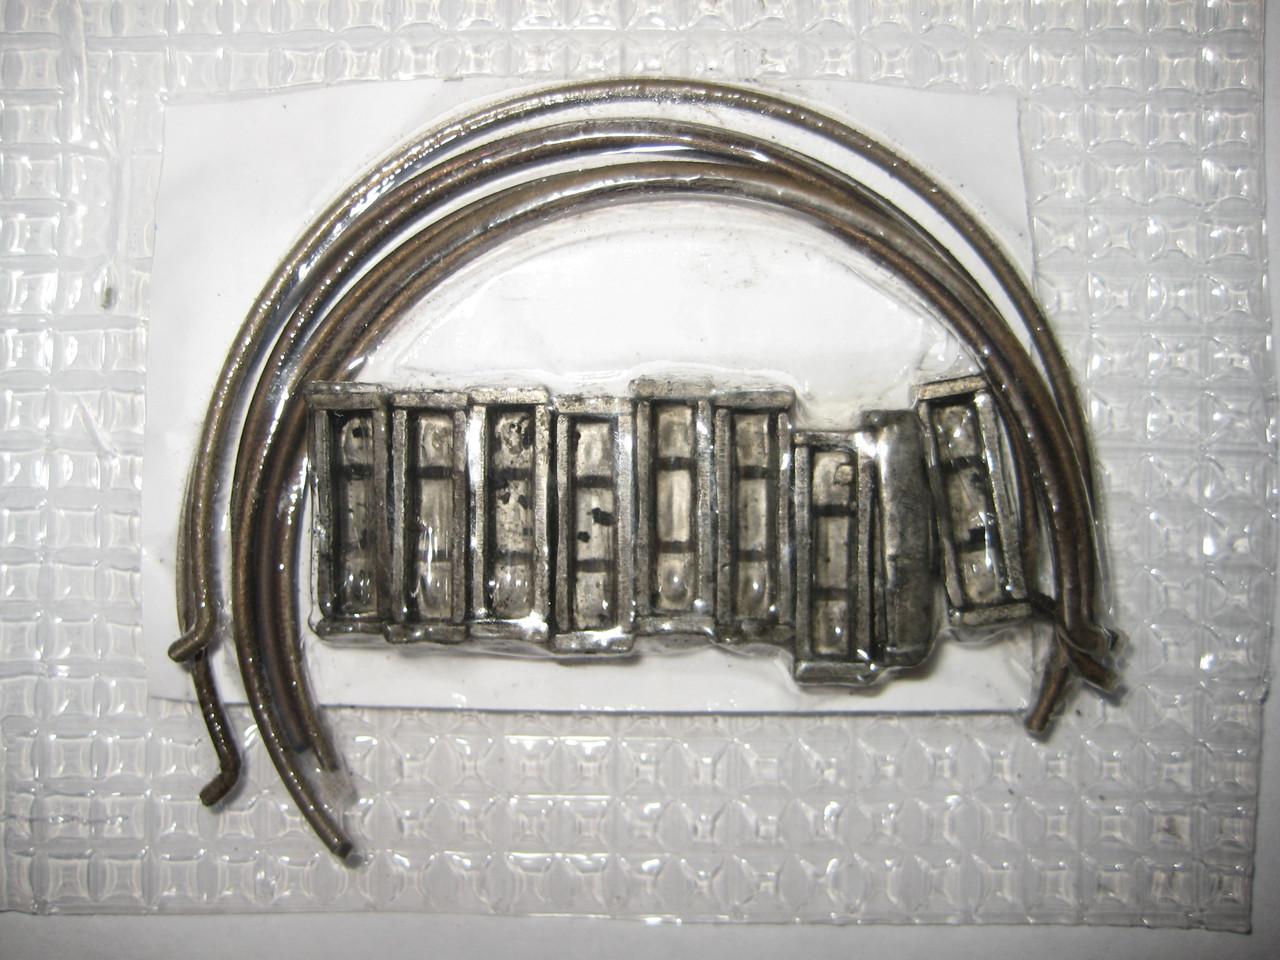 Ремкомплект коробки передач КПП Сенс Таврия Славута 1102 1103 АвтоЗАЗ